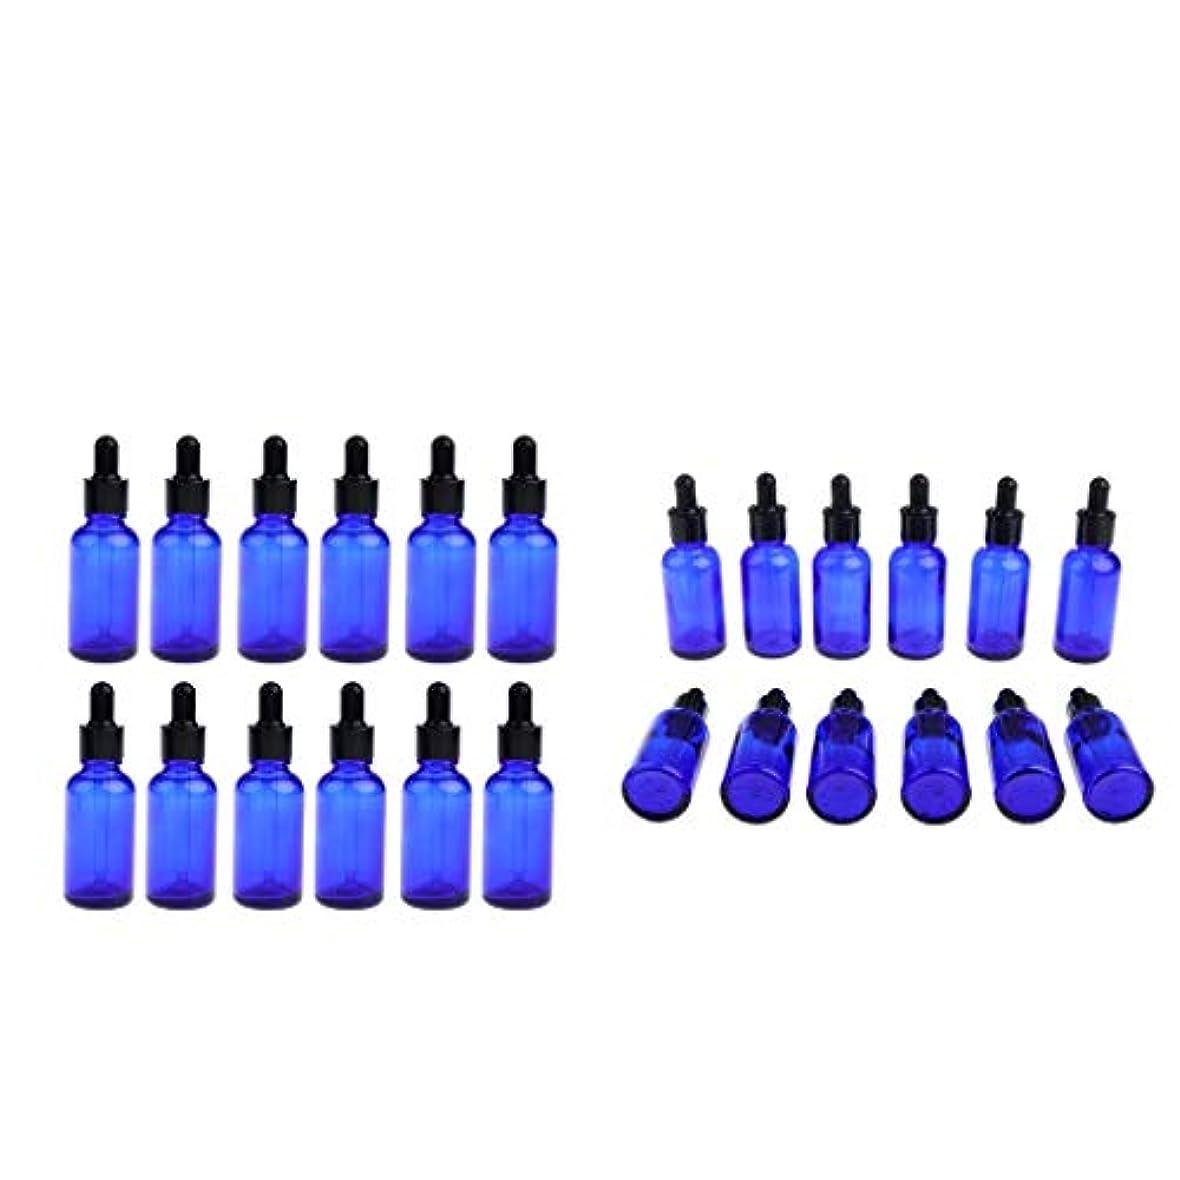 遵守する本部バルコニーdailymall エッセンシャルオイル詰め替え可能な空のドロッパーボトル-24ピースガラスボトルDIYブレンド用品アクセサリー